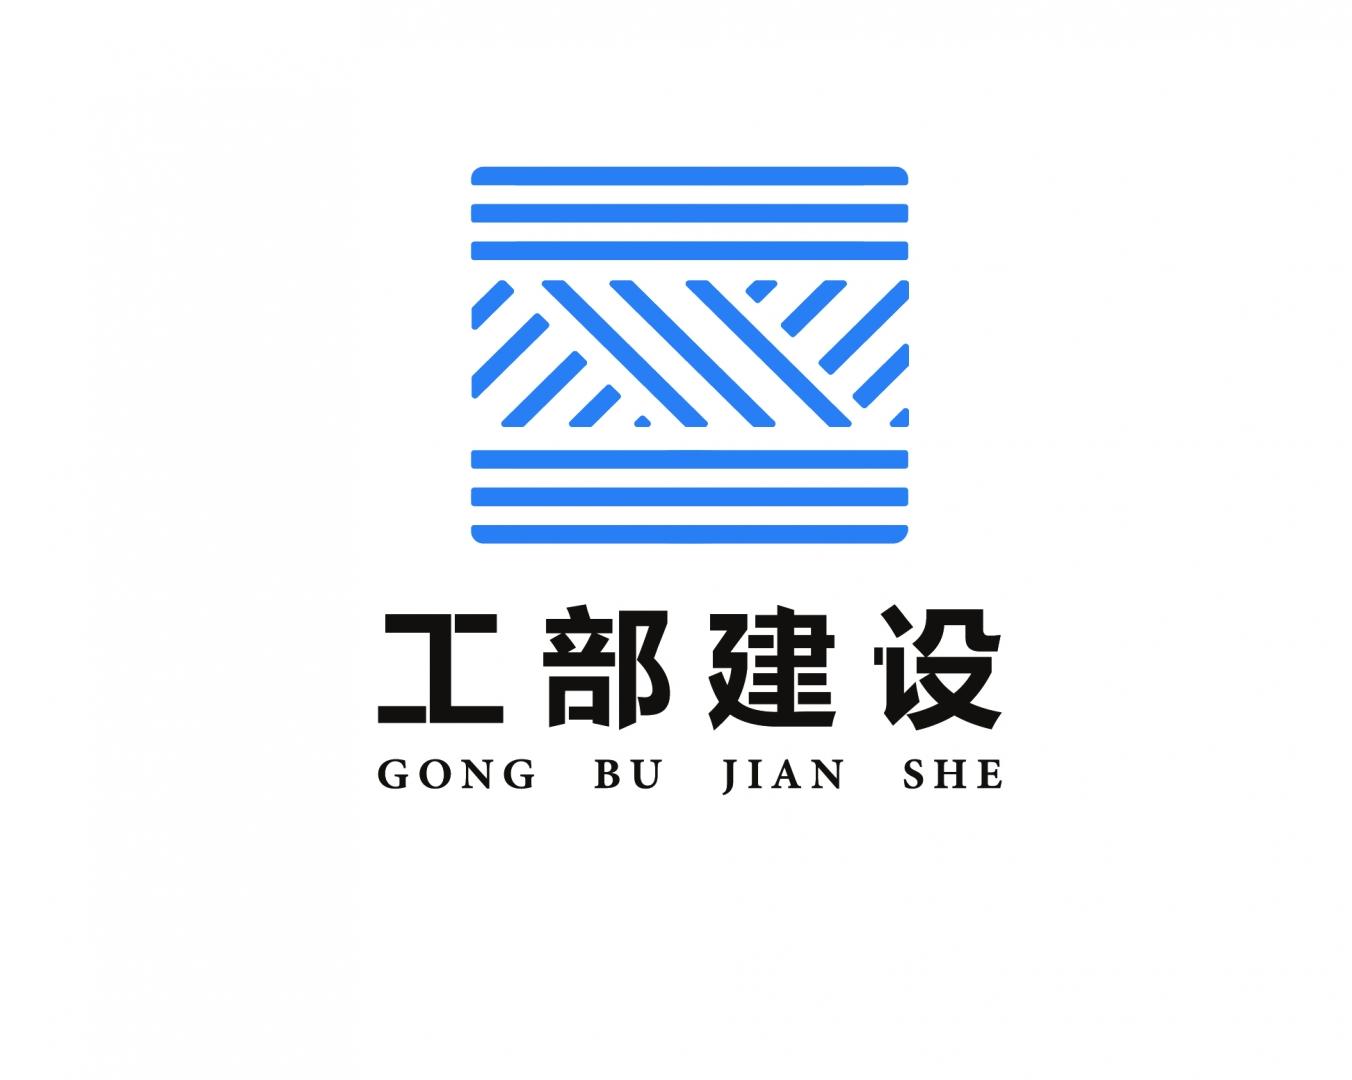 浙江工部建设有限公司